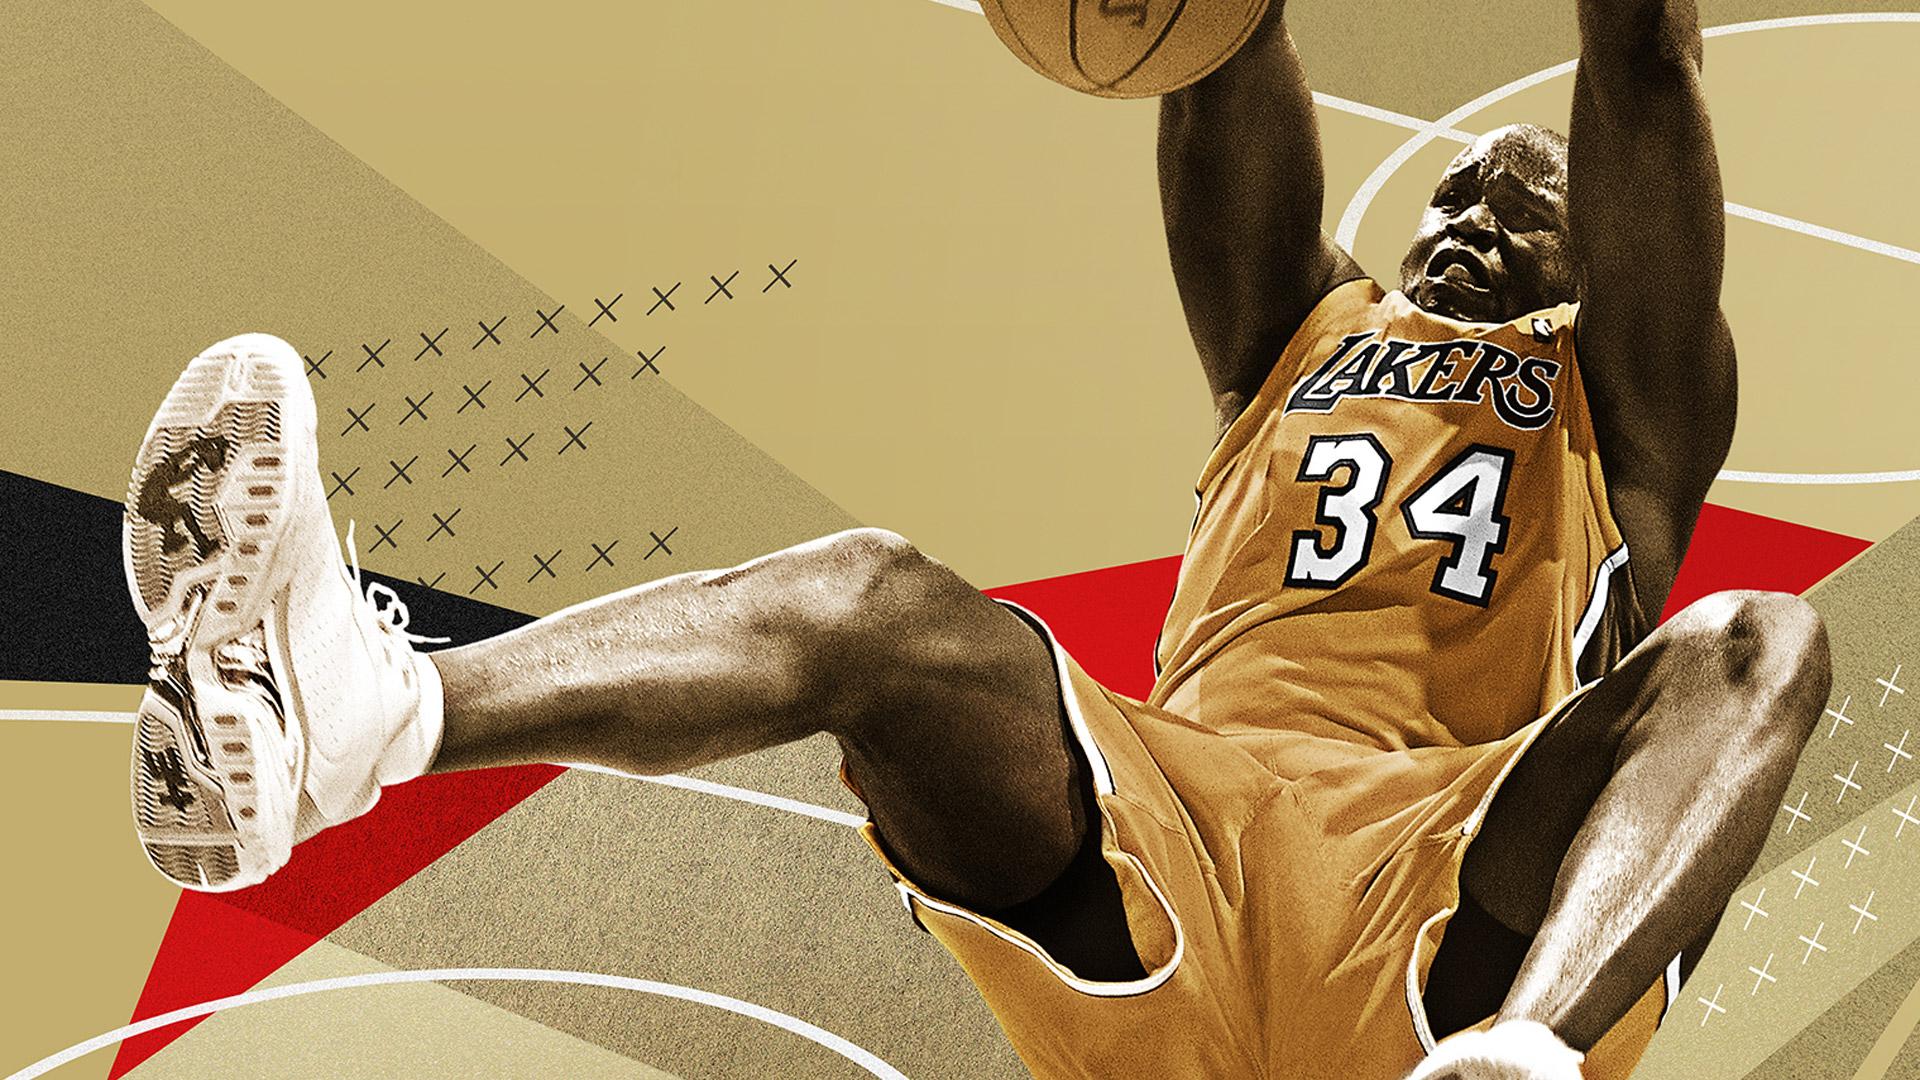 NBA 2K18 Wallpaper in 1920x1080